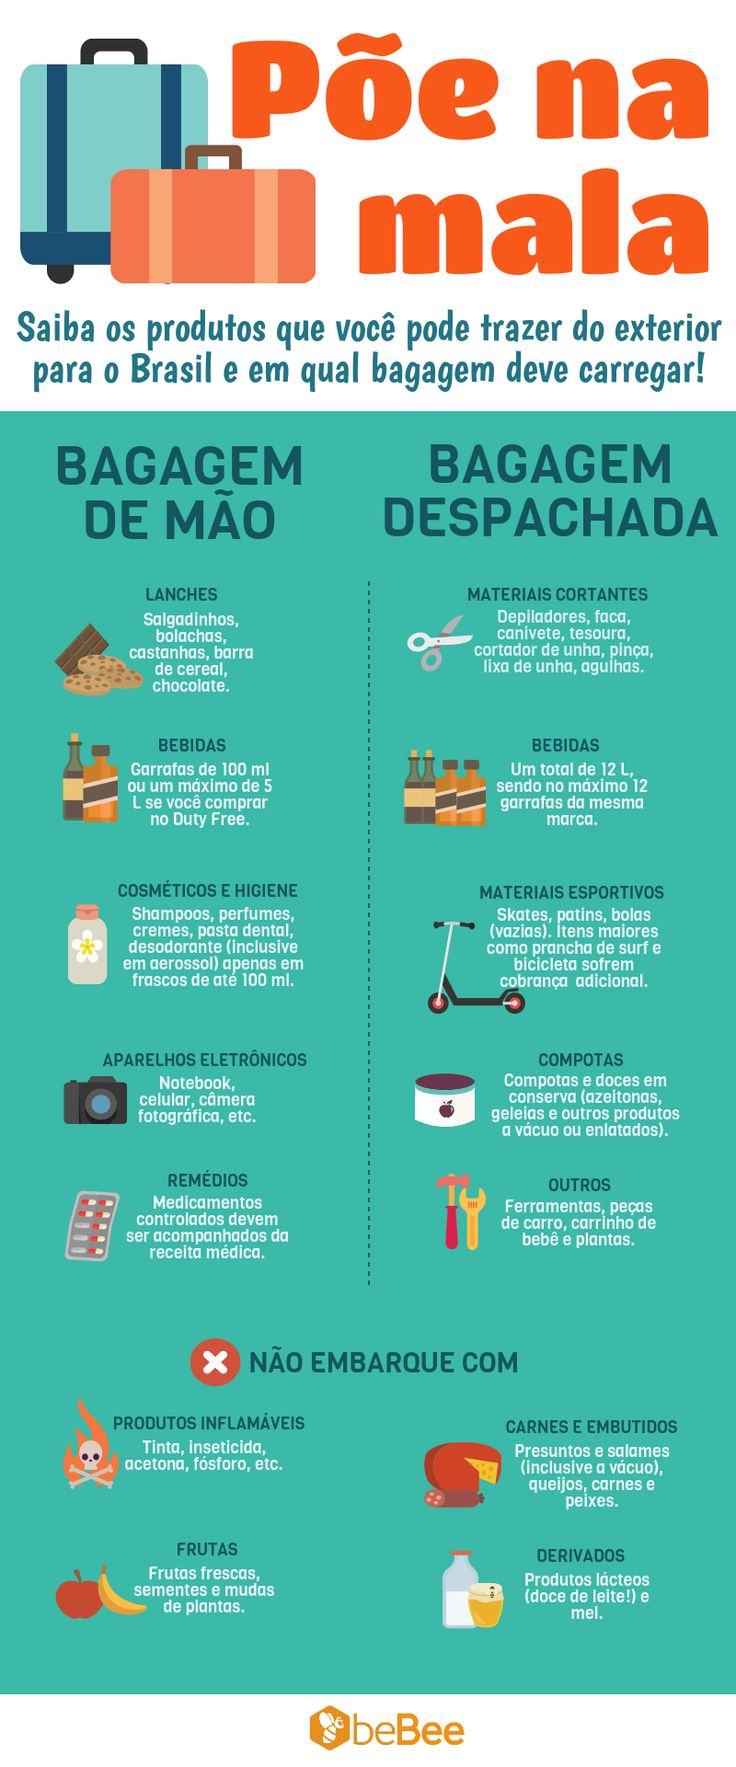 Saiba o que é permitido trazer do exterior para o Brasil, em sua bagagem de mão e de porão (despachada).